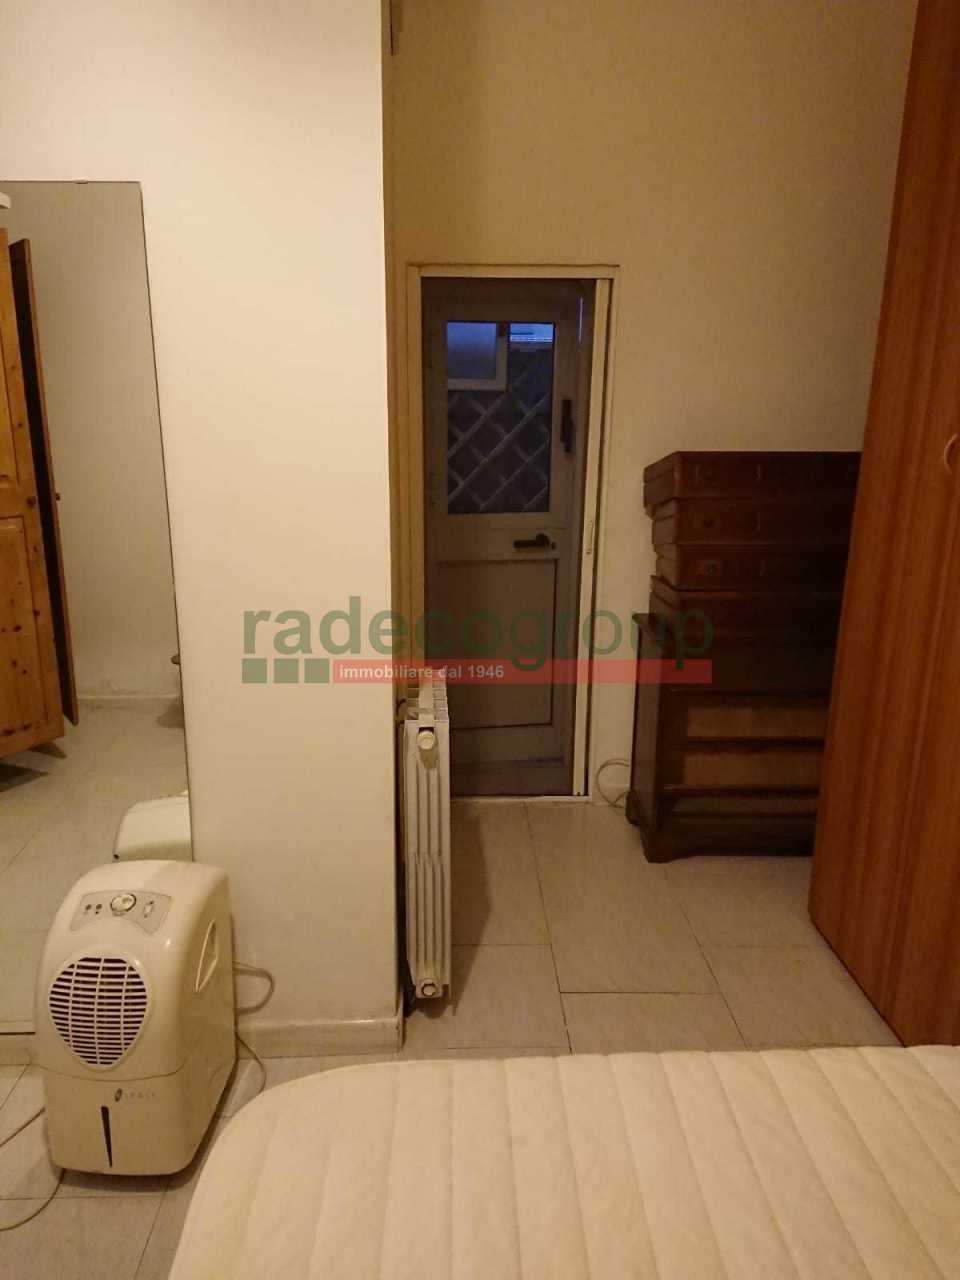 Appartamento - Bilocale a San Jacopo in Acquaviva, Livorno